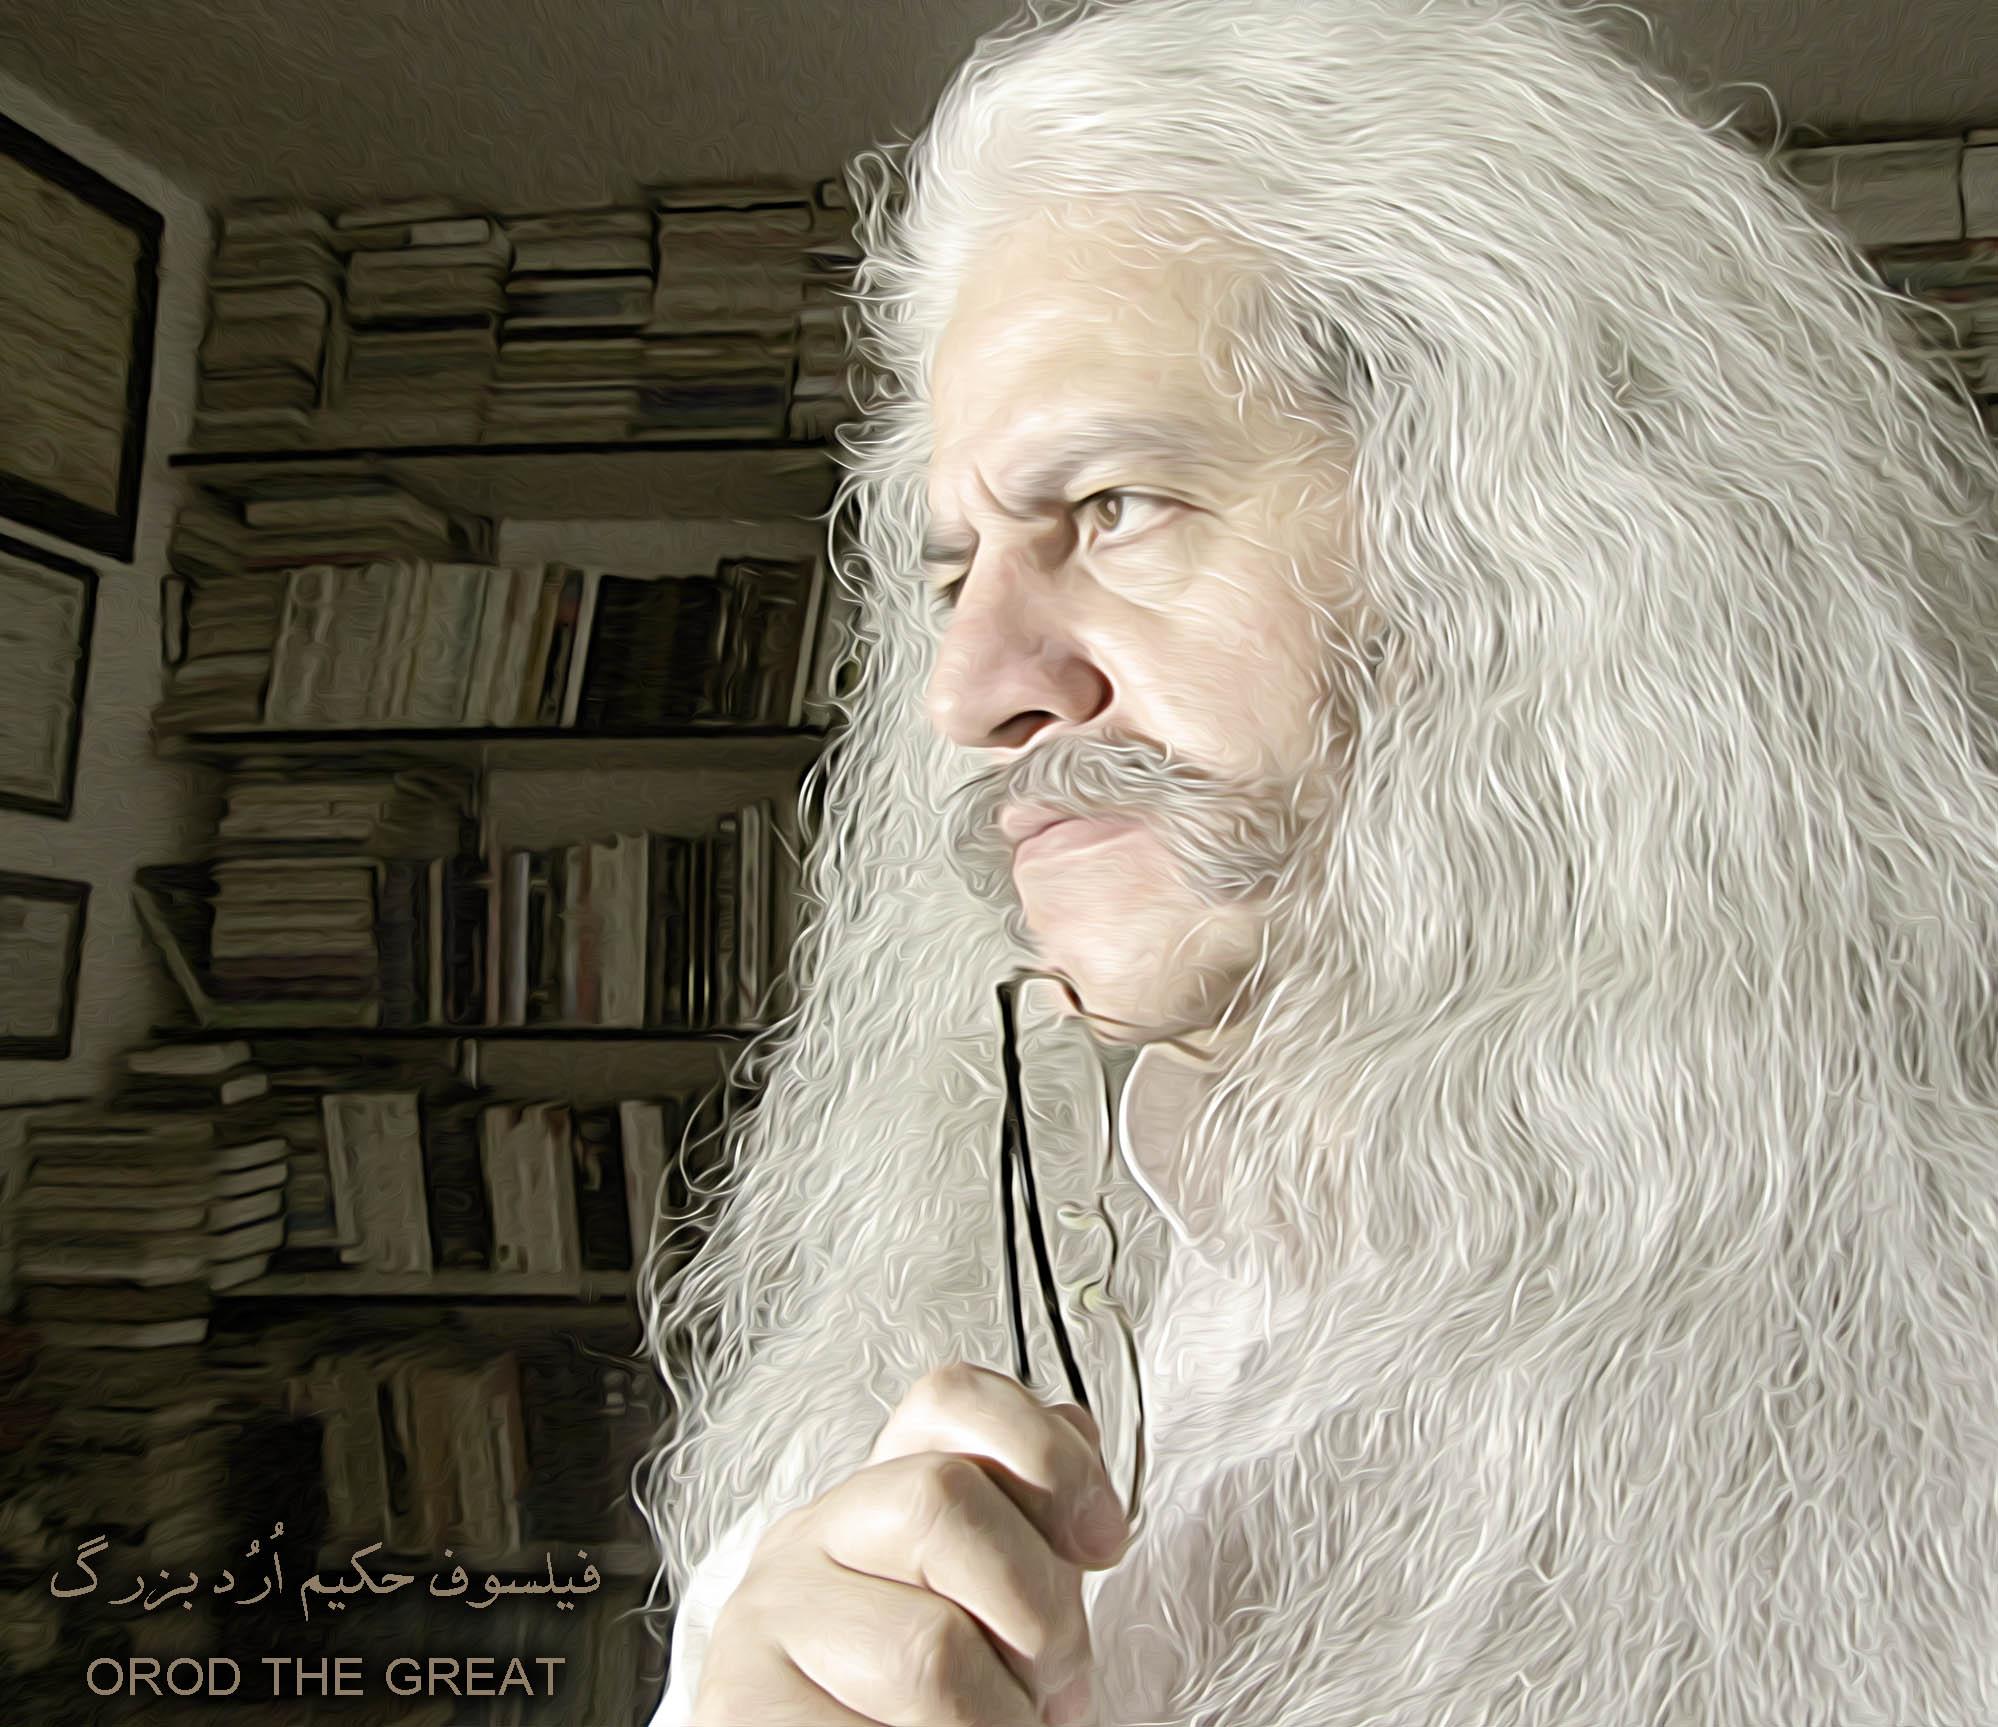 بزرگترین فیلسوف تاریخ , حکیم ارد بزرگ, علامه حکیم ارد بزرگ , orod the great, فیلسوف استاد حکیم ارد بزرگ